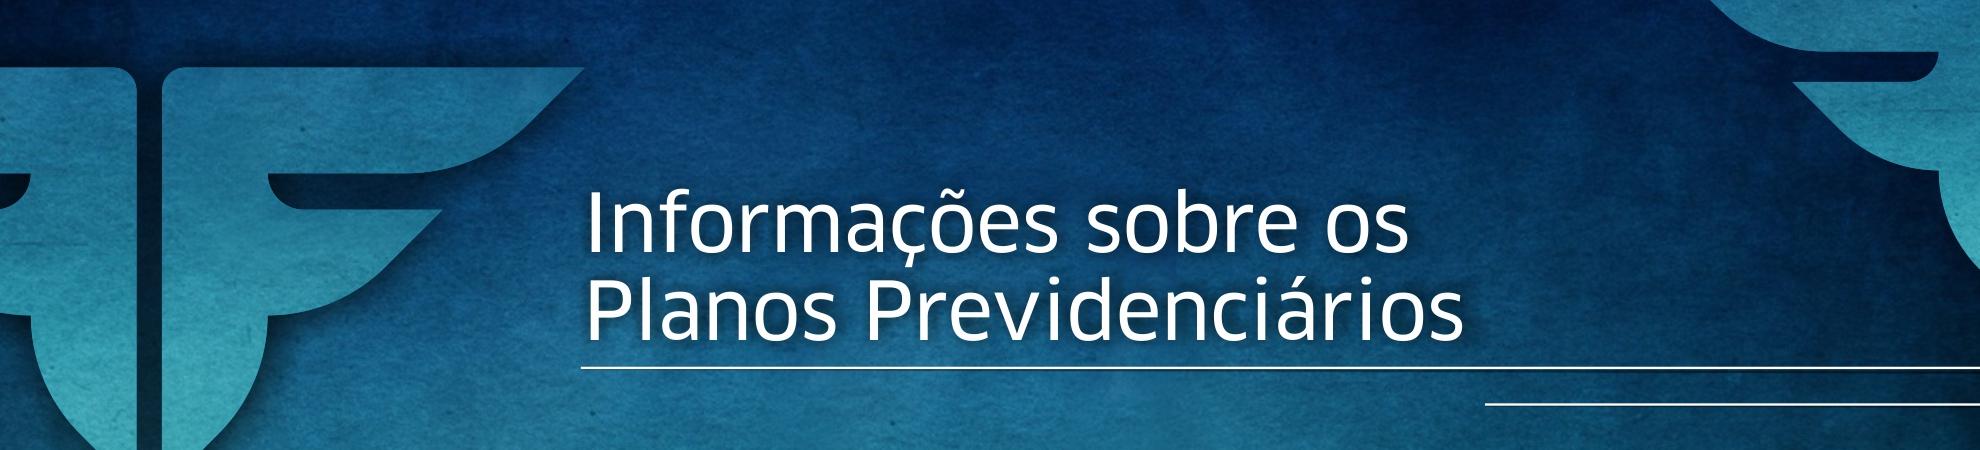 cabecalho_informacoes_planos